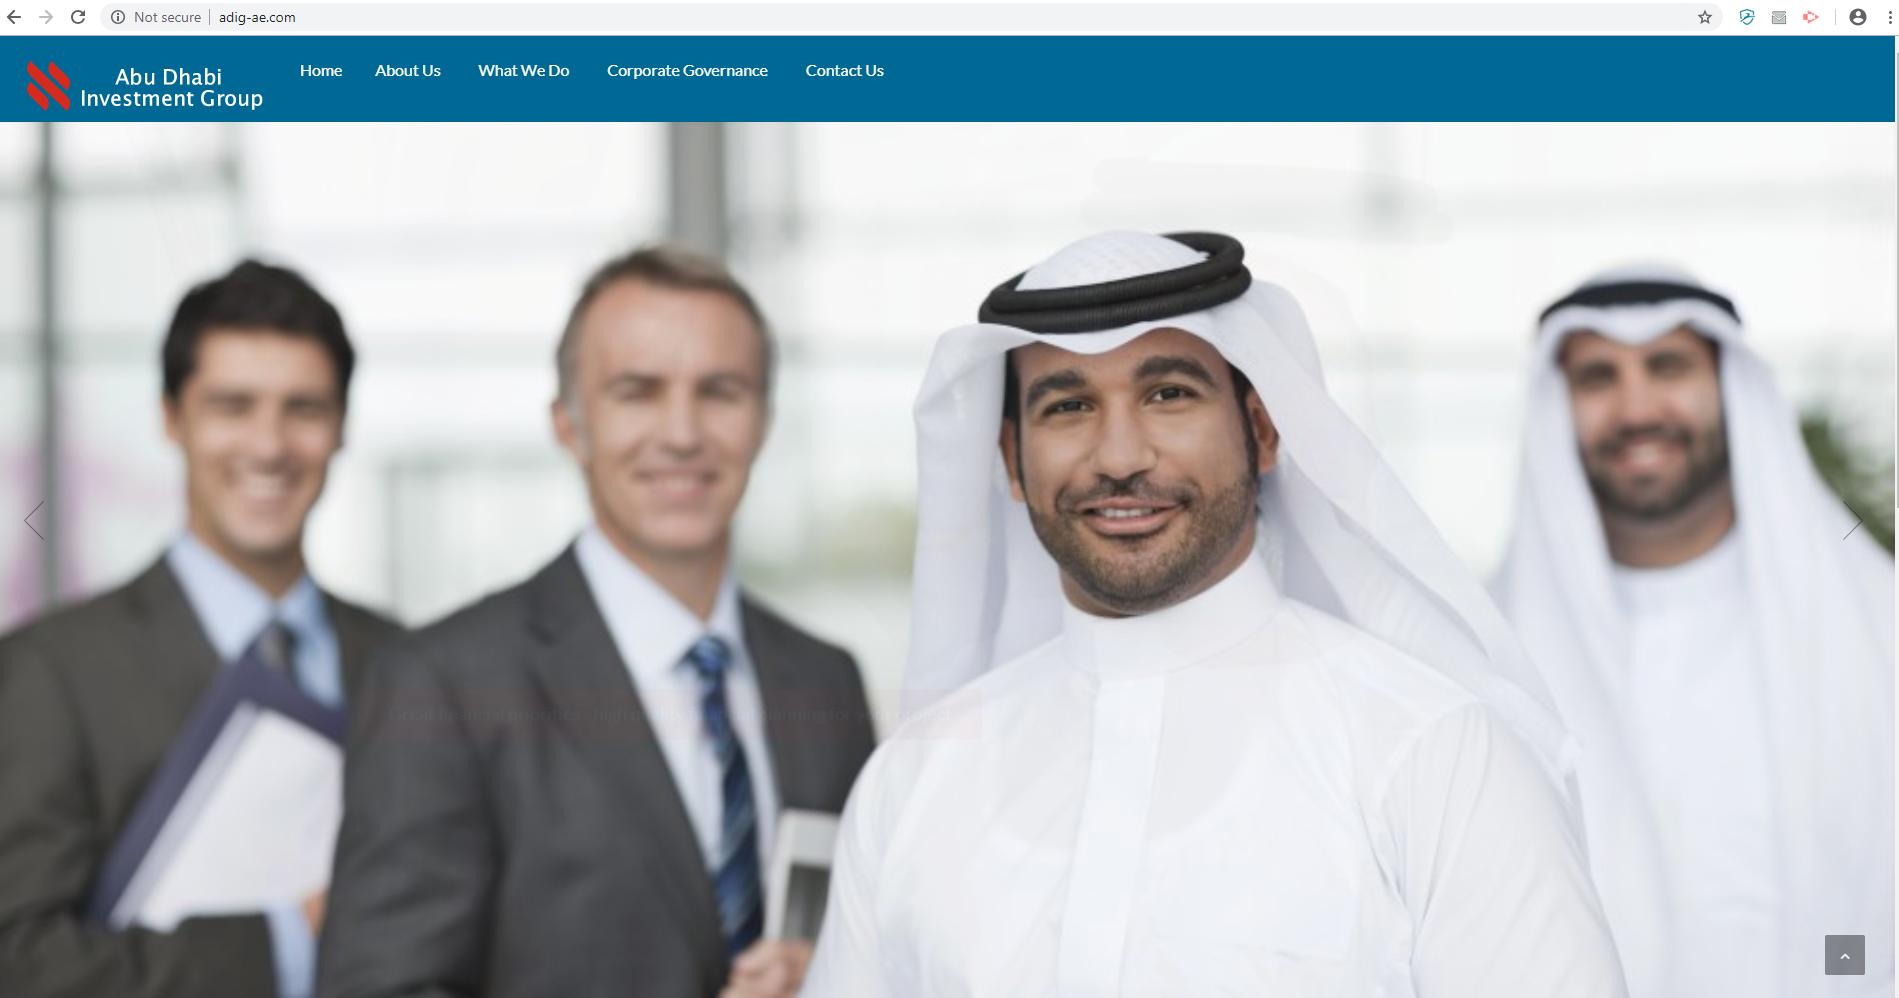 Adig-ae com: Fake company   Scamadviser